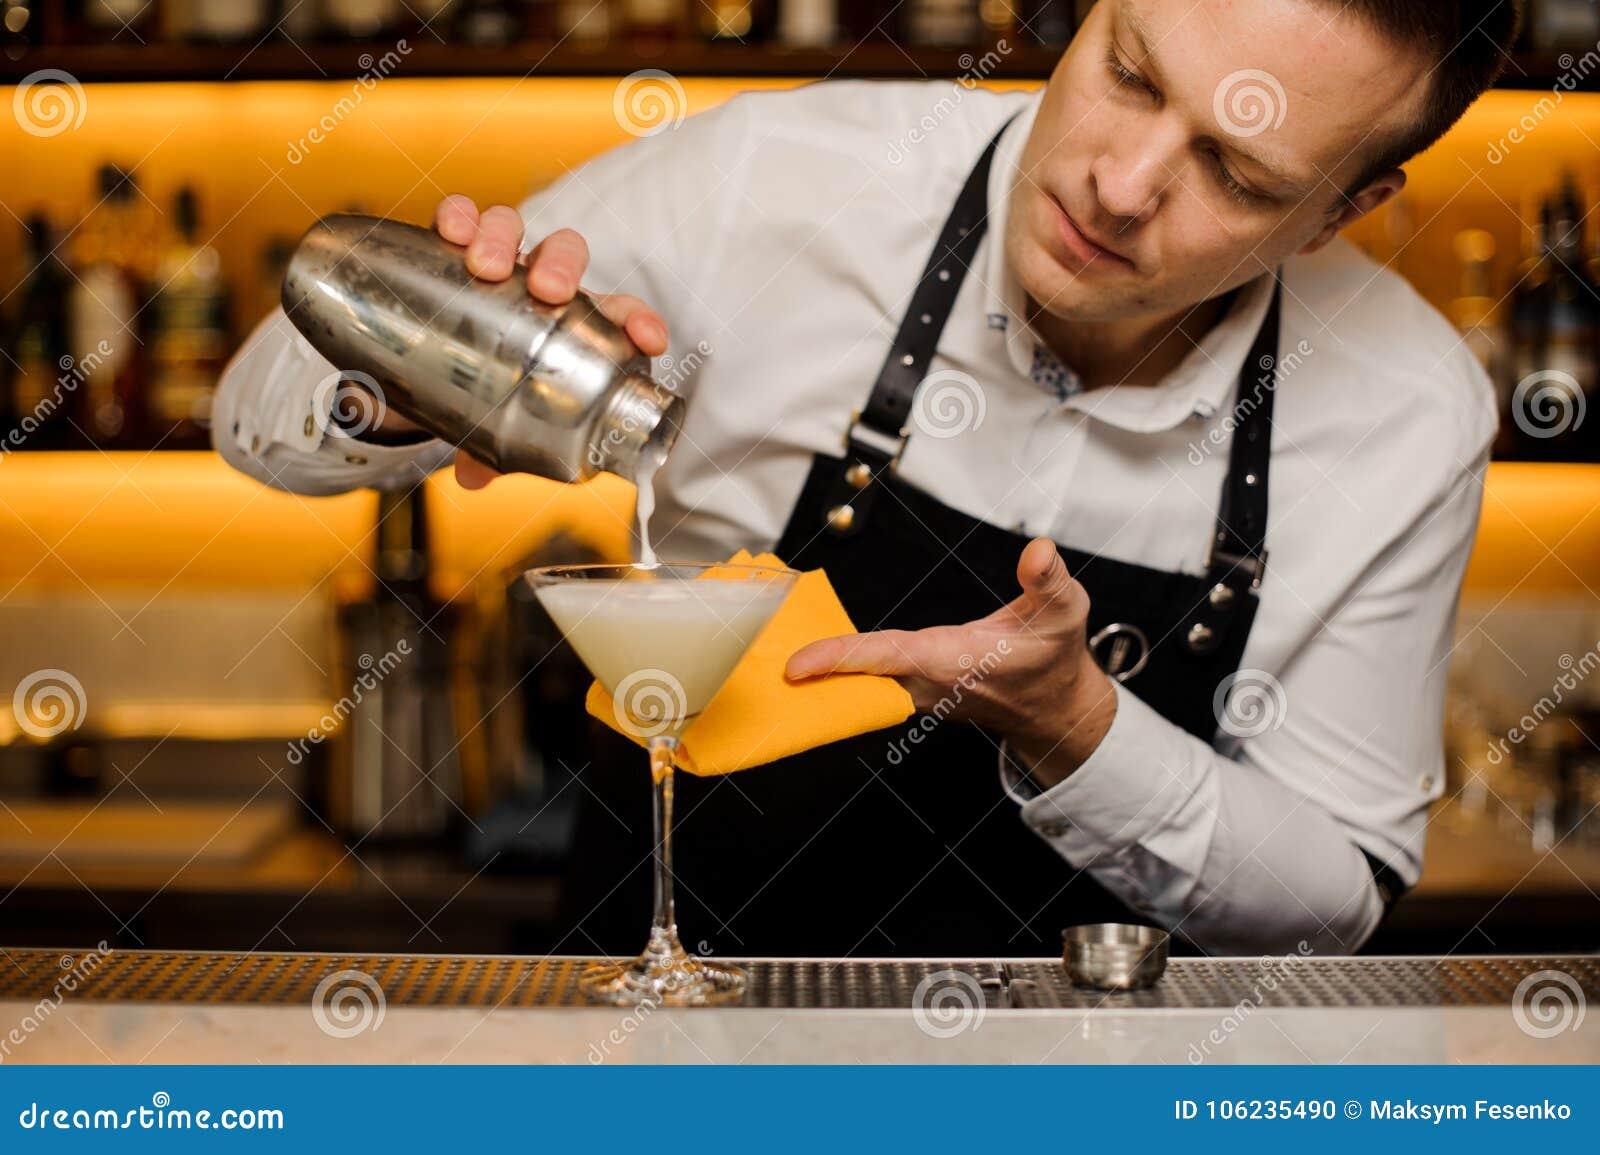 Бармен лить свежий алкогольный напиток в стекло коктеиля